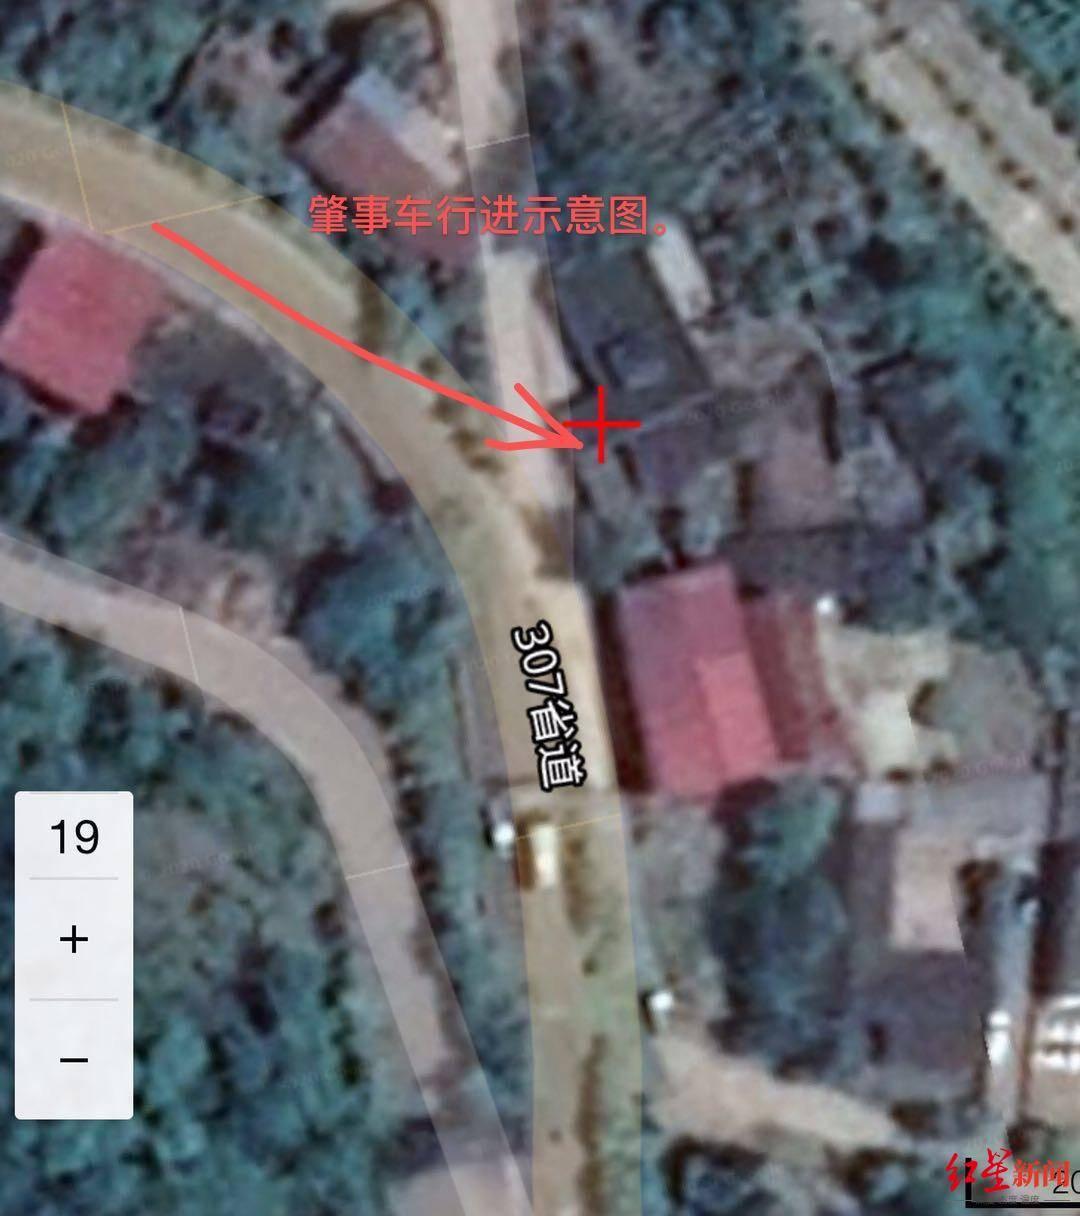 恒达官网离奇车祸!一轿车凌晨5点冲出公路开上居民房顶,幸无人伤亡(图2)